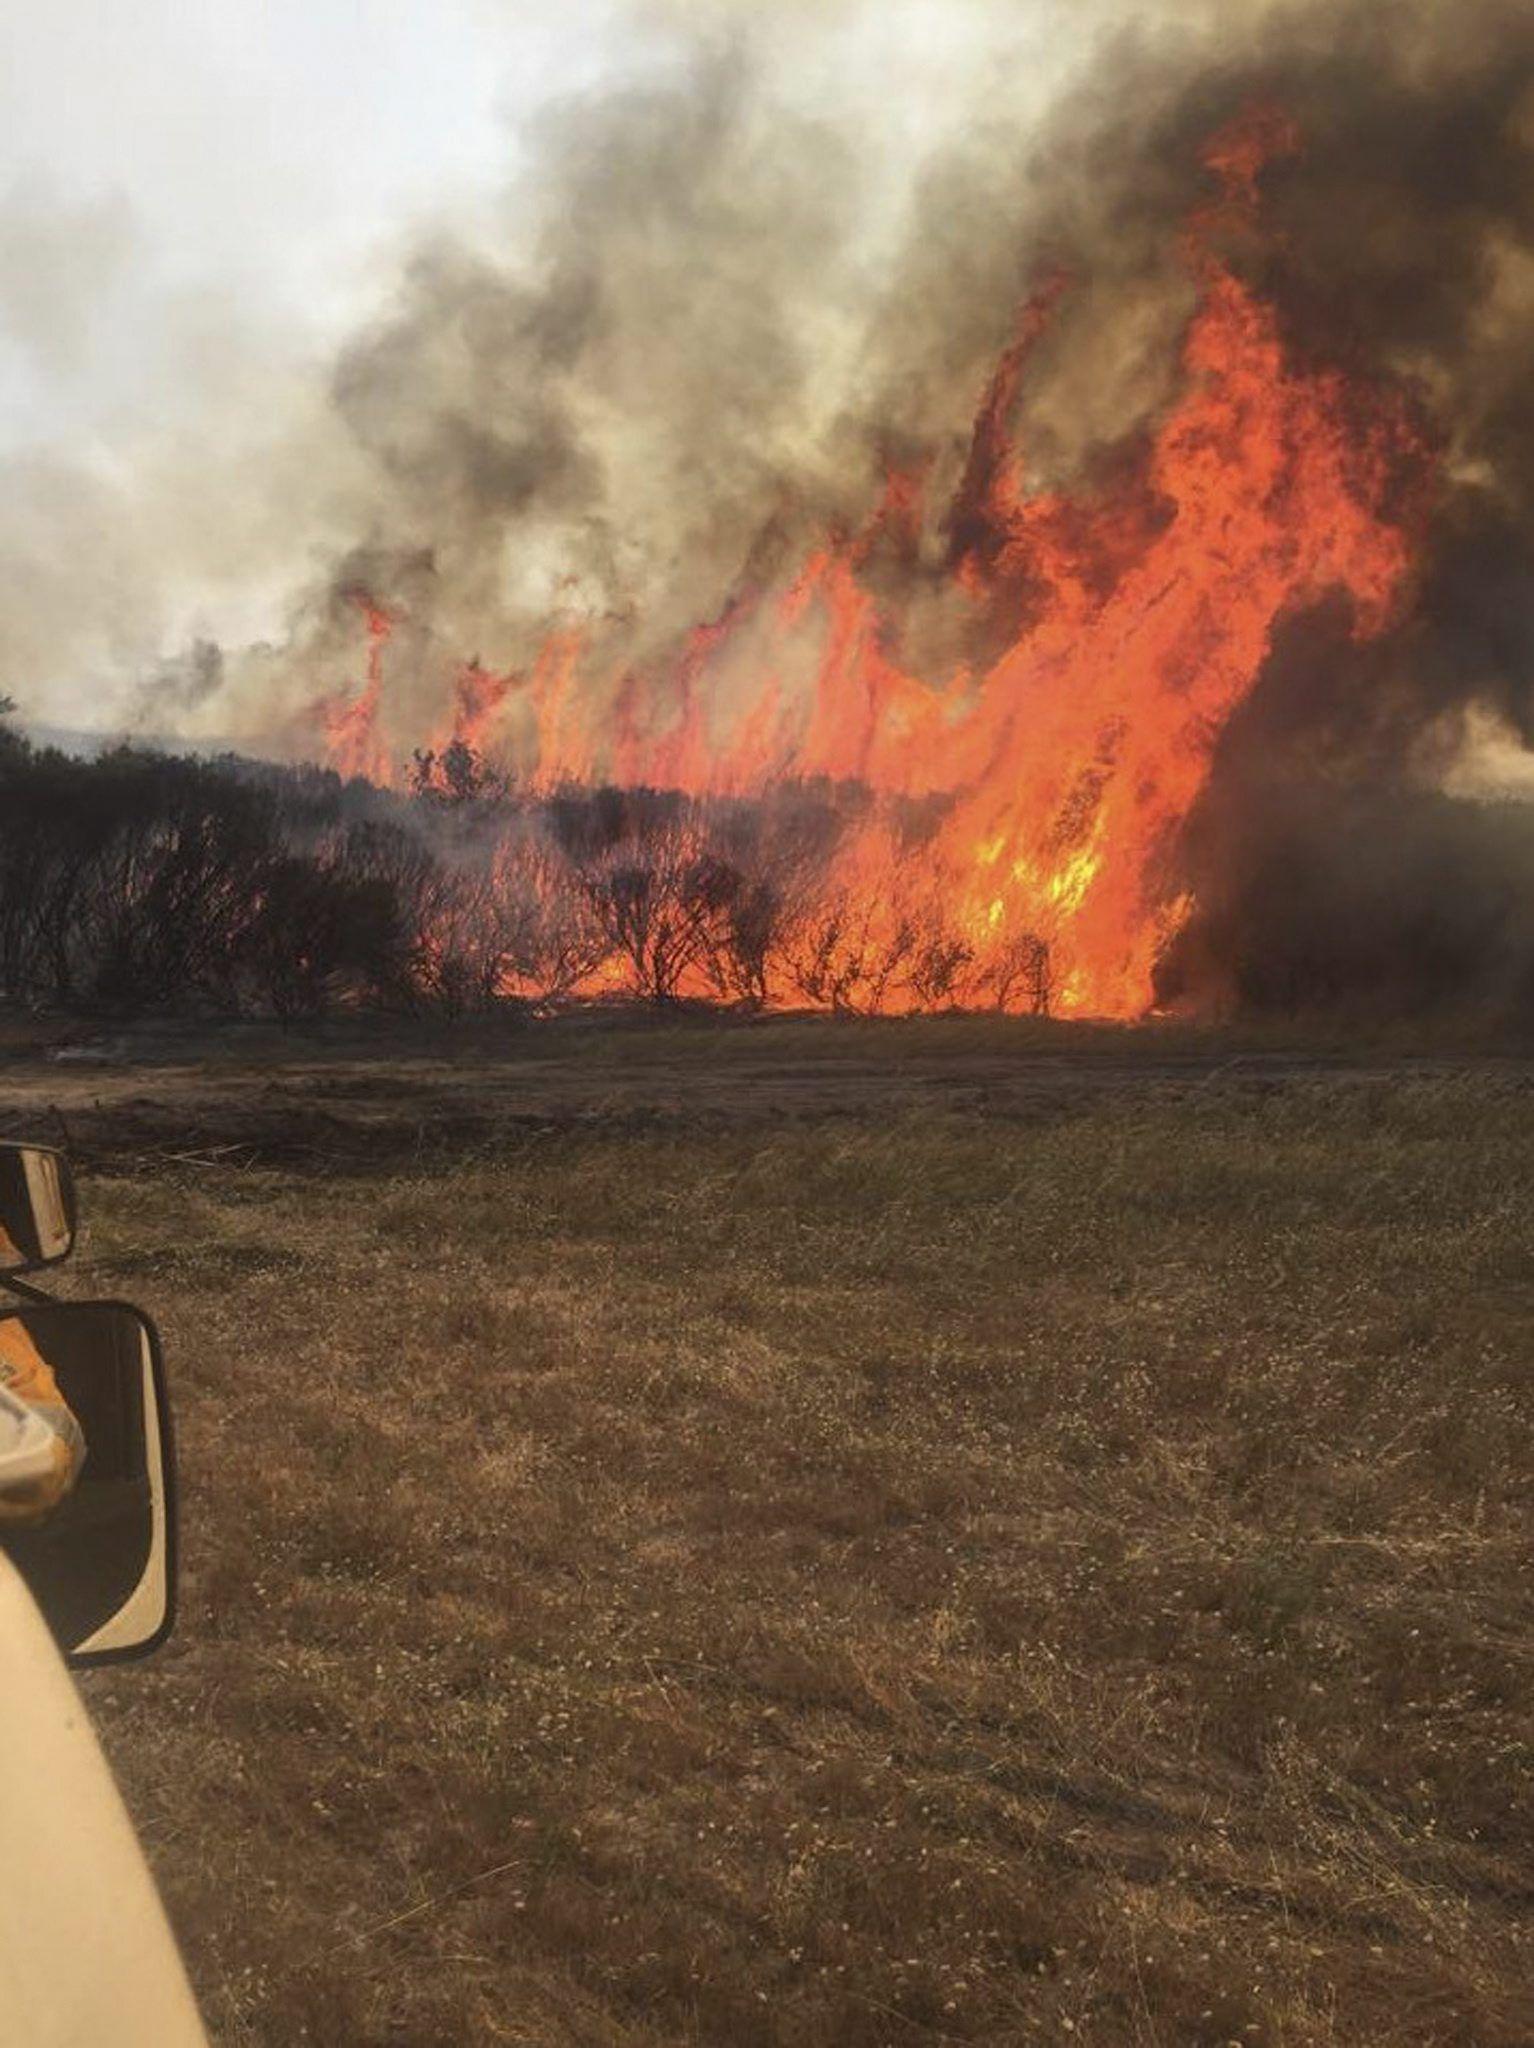 Bushfire burning out of control near Esperance, on Western Austra